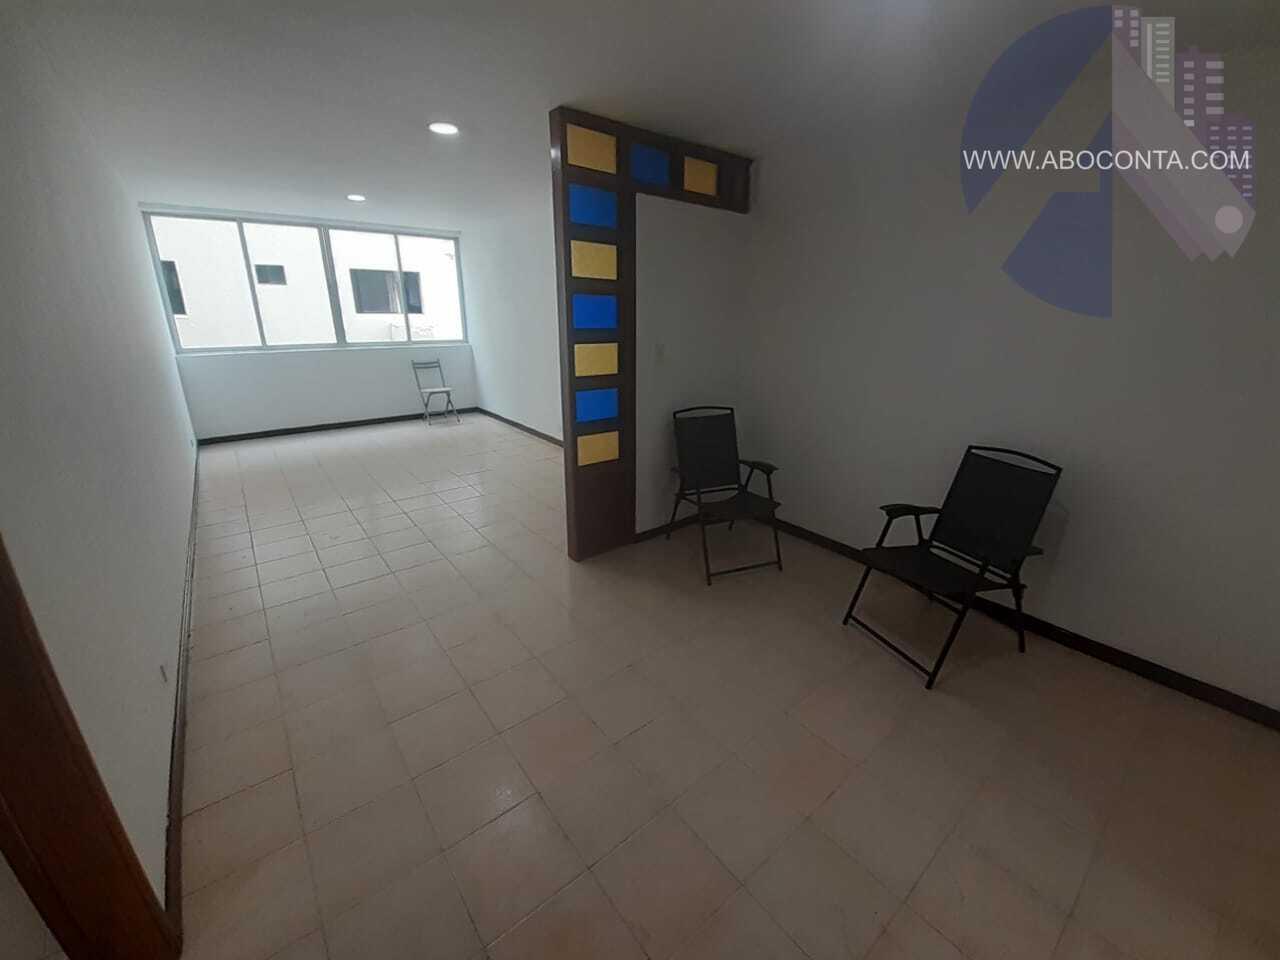 Amplio apartamento en excelente ubicación del barrio el Cabrero